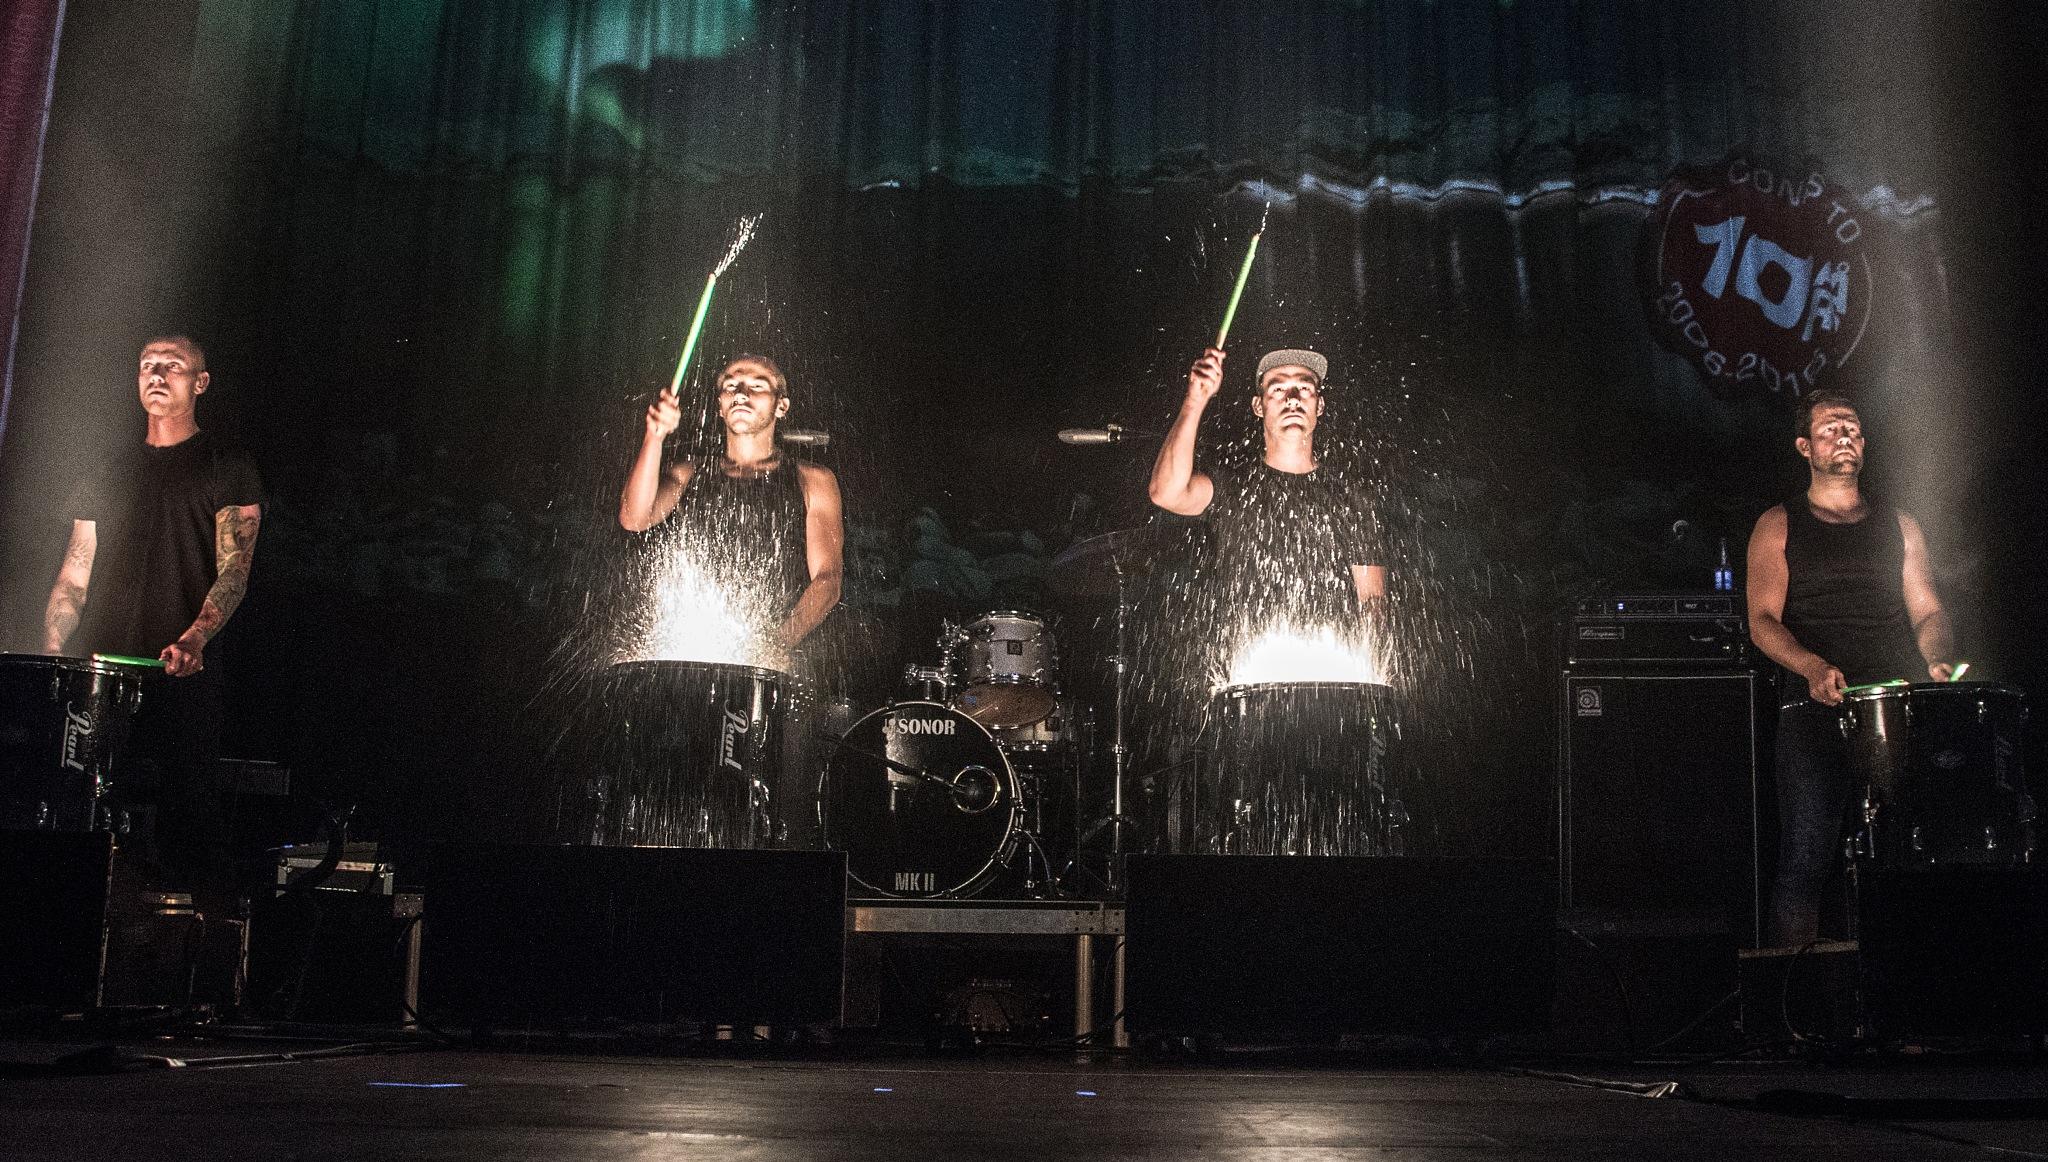 Copenhagen drummers by SveinBorre